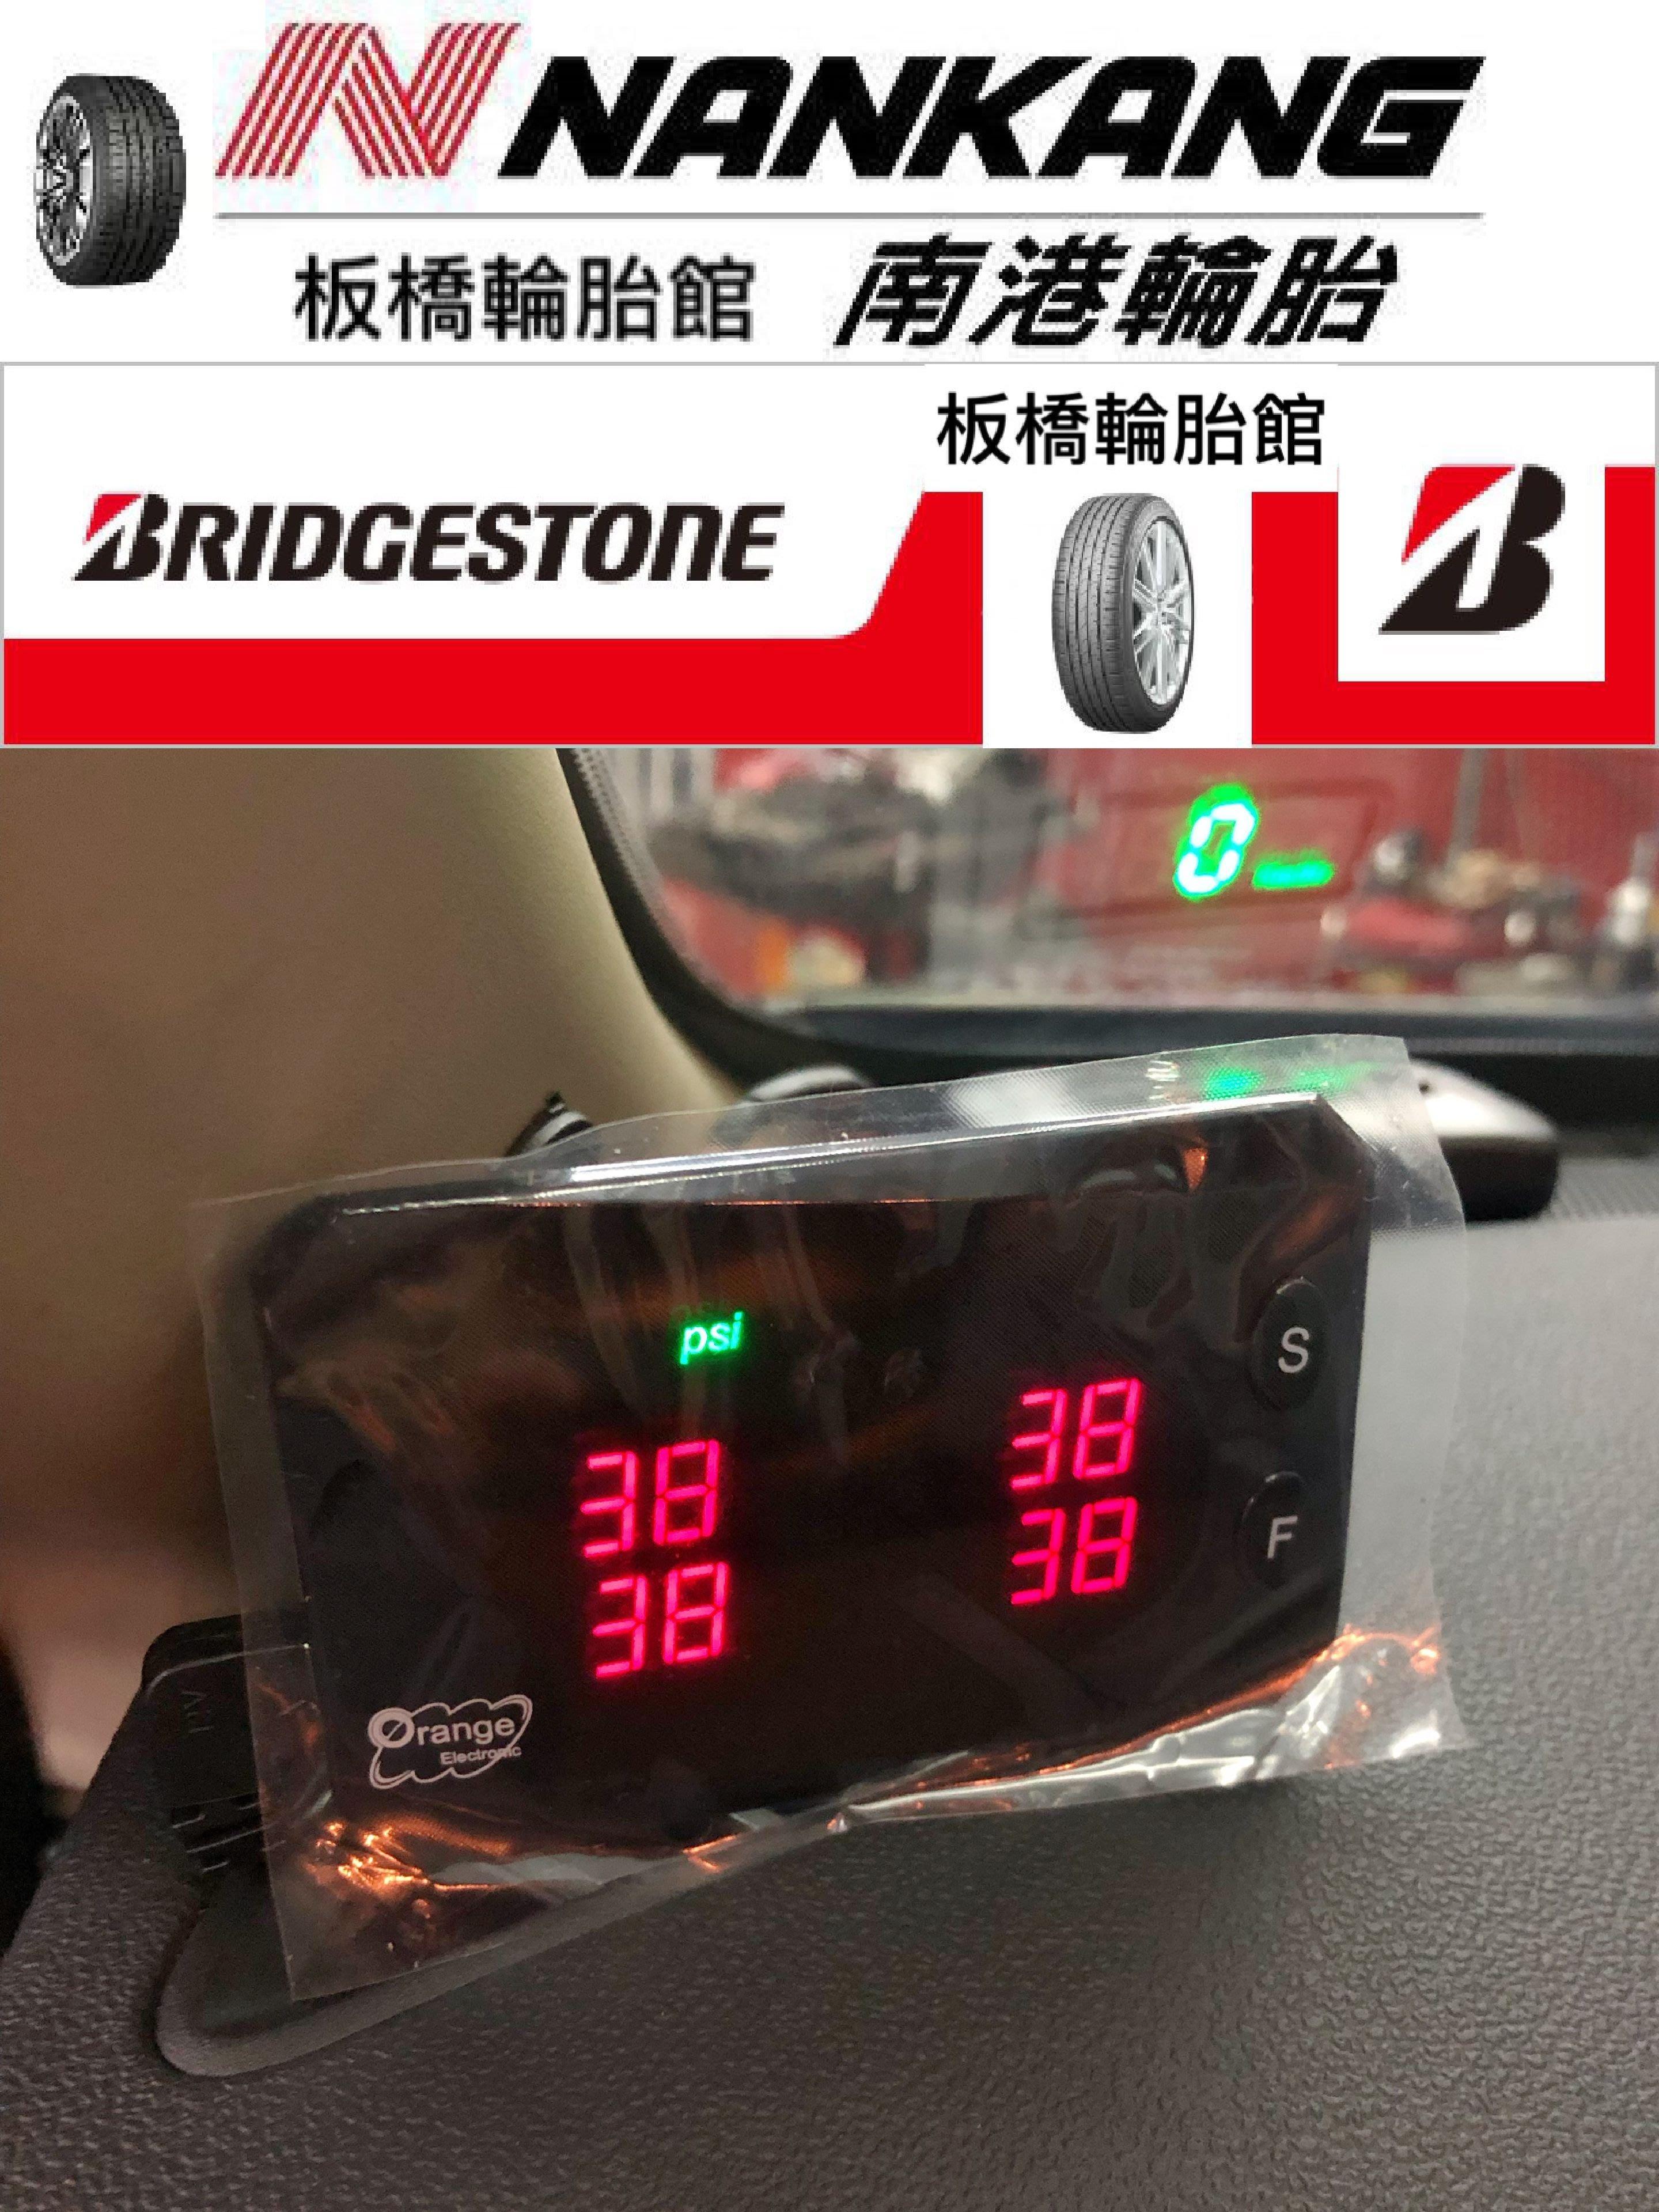 【板橋輪胎館】Orange 橙的電子 P429 胎壓偵測器 W410-A